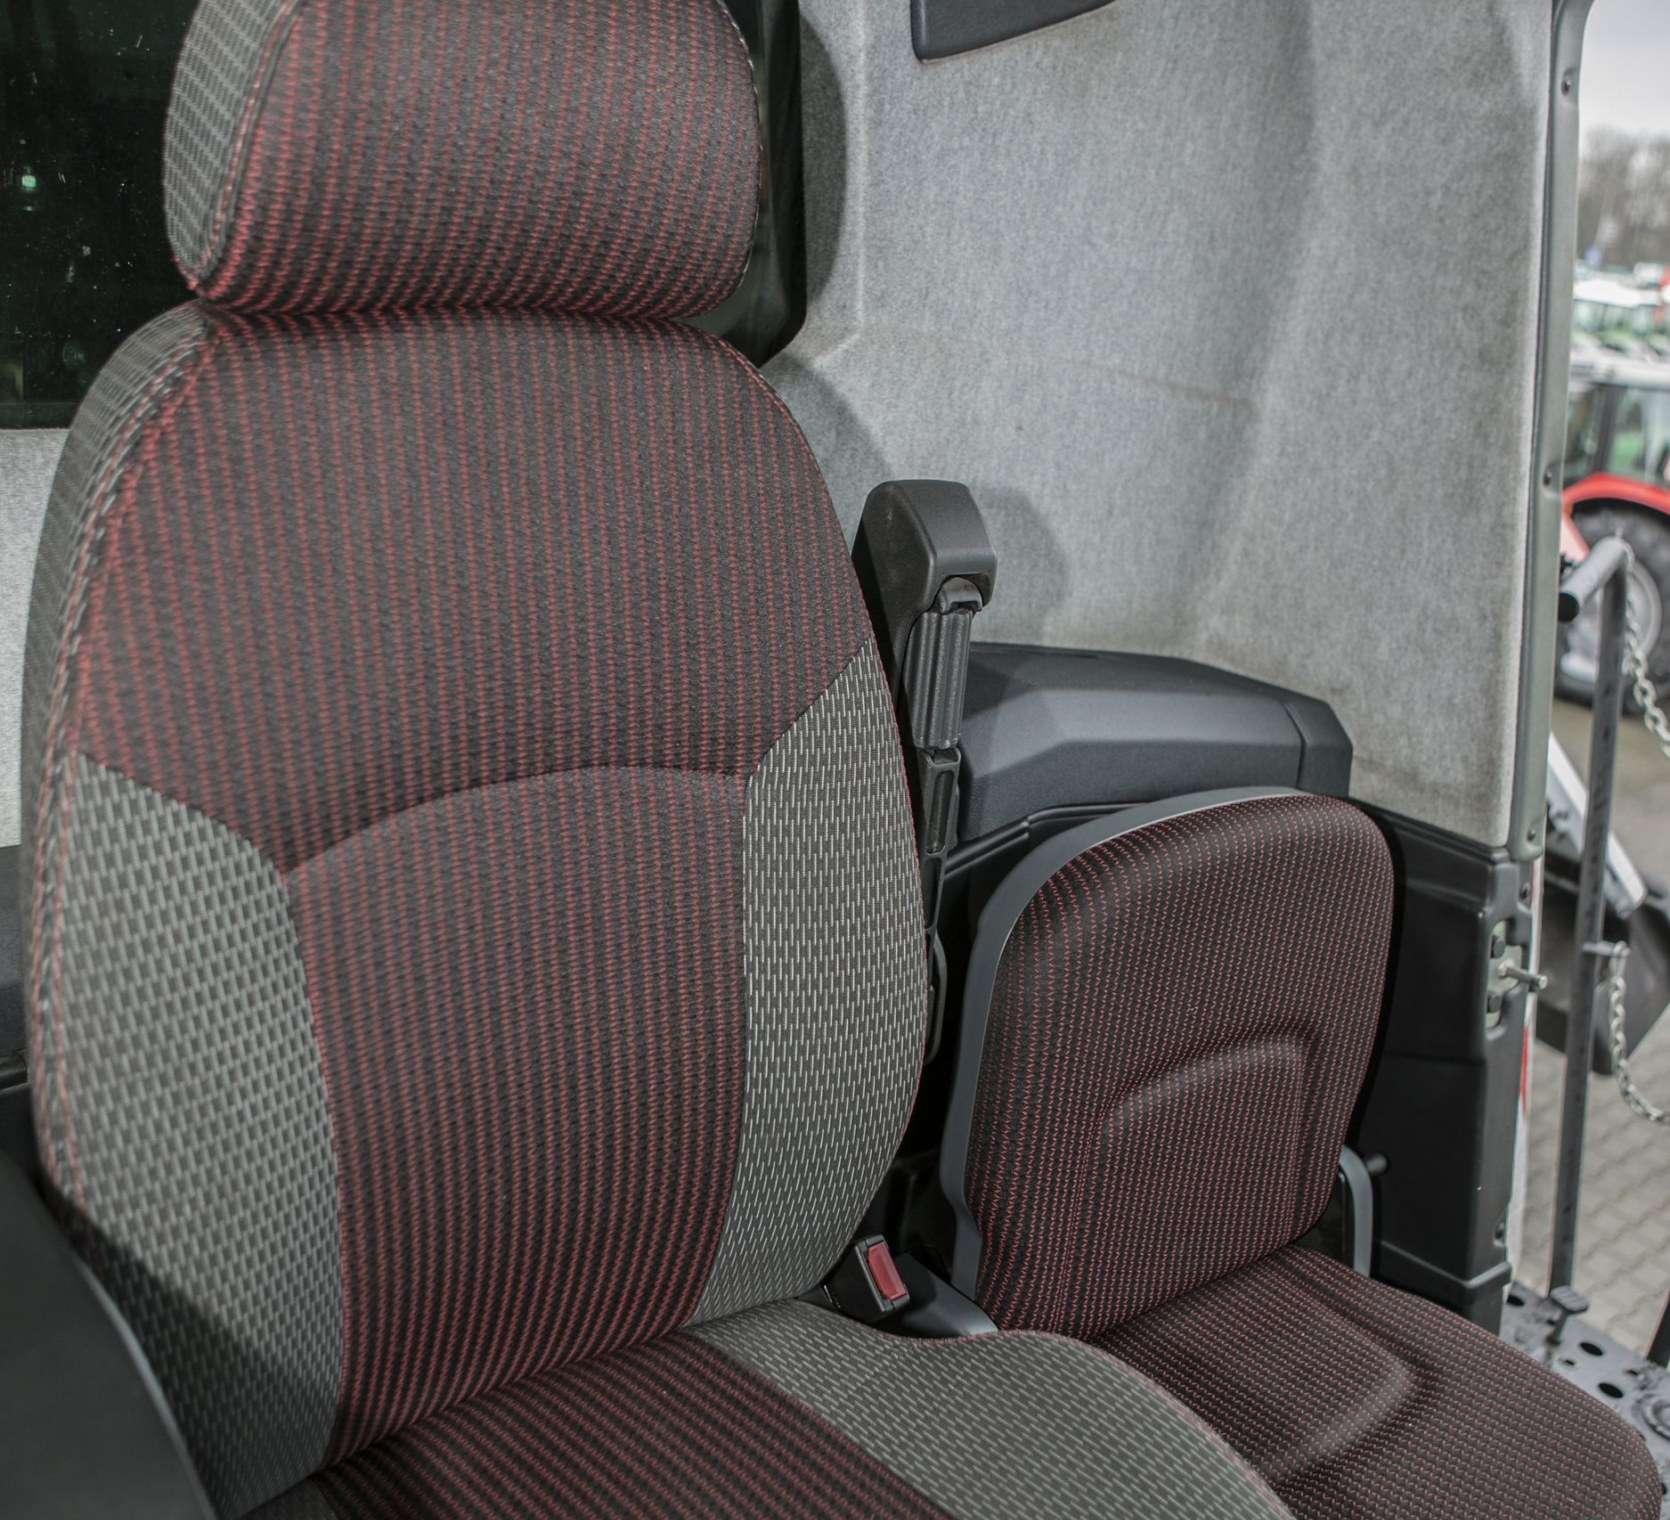 Kombajn zbożowy Rostselmash RSM 161 doskonała kabina na korbanek.pl